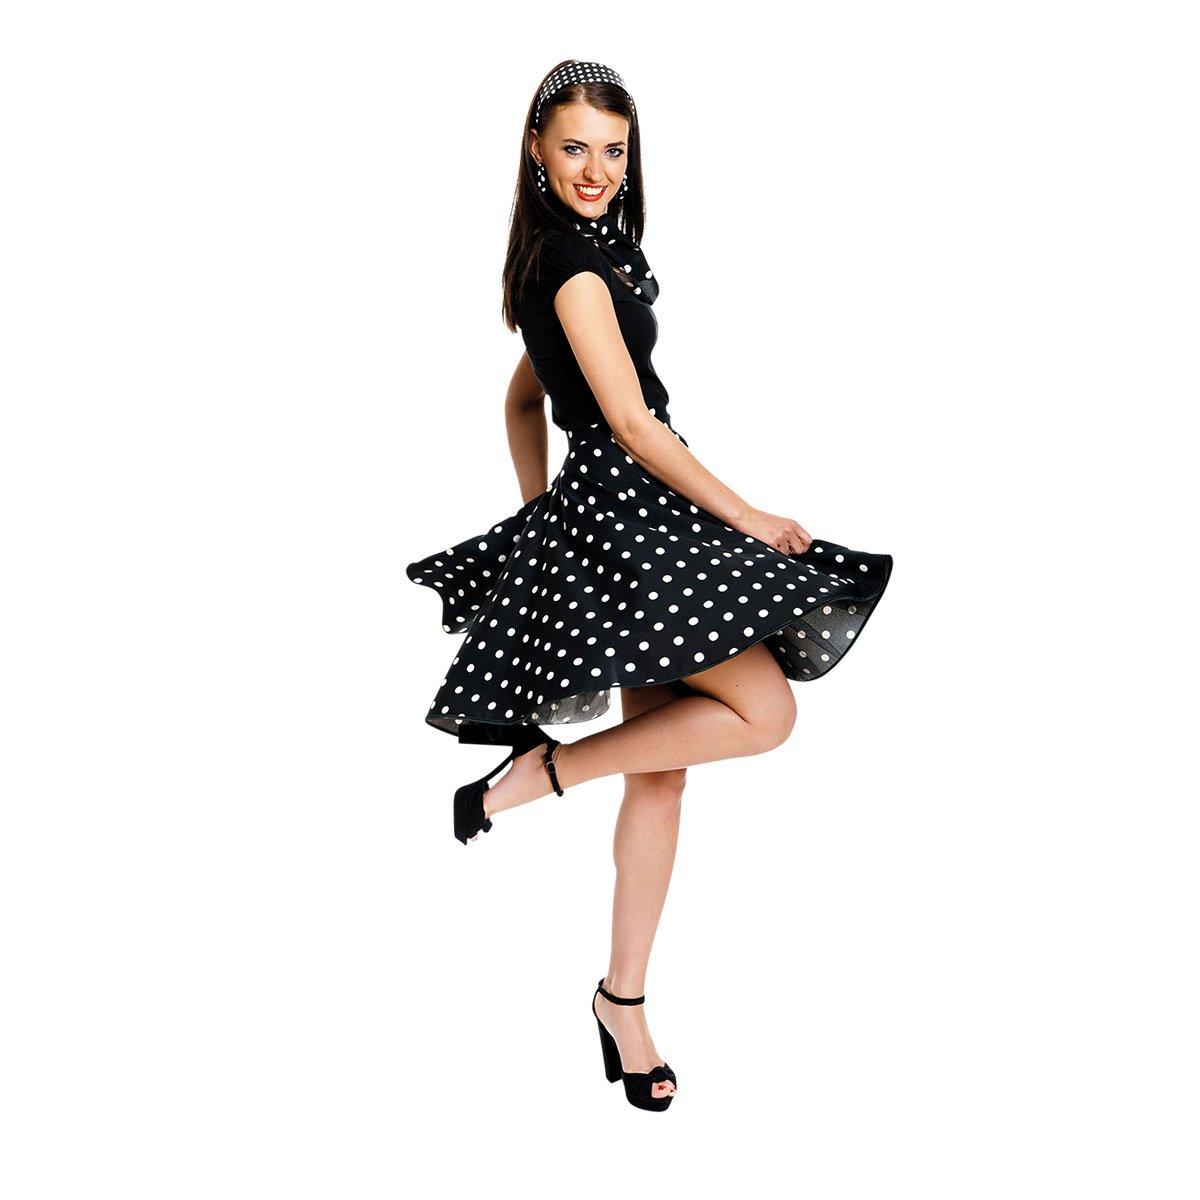 cfd2f3c7e5f593 Kostümplanet® Rock-n Roll Rock Kostüm schwarz weiß gepunkteter Rock  knielang mit passendem Schal Halstuch Tellerrock 50er Jahre Stil Mode  Kostüm ...